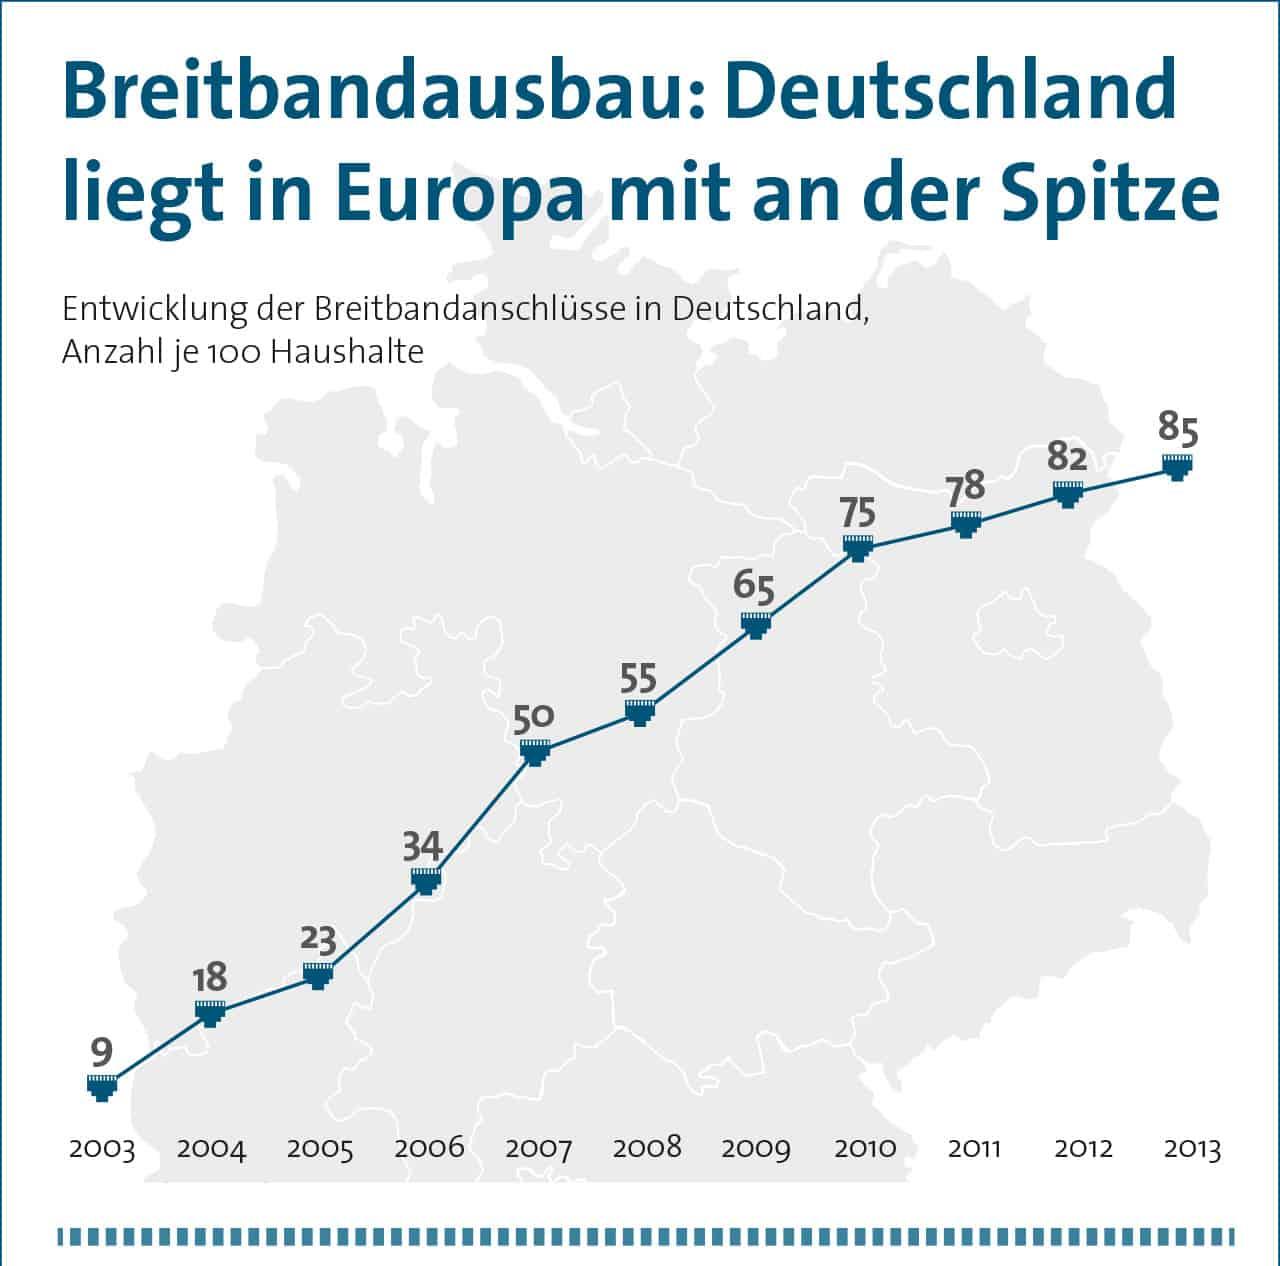 Deutschland Breitbandausbau